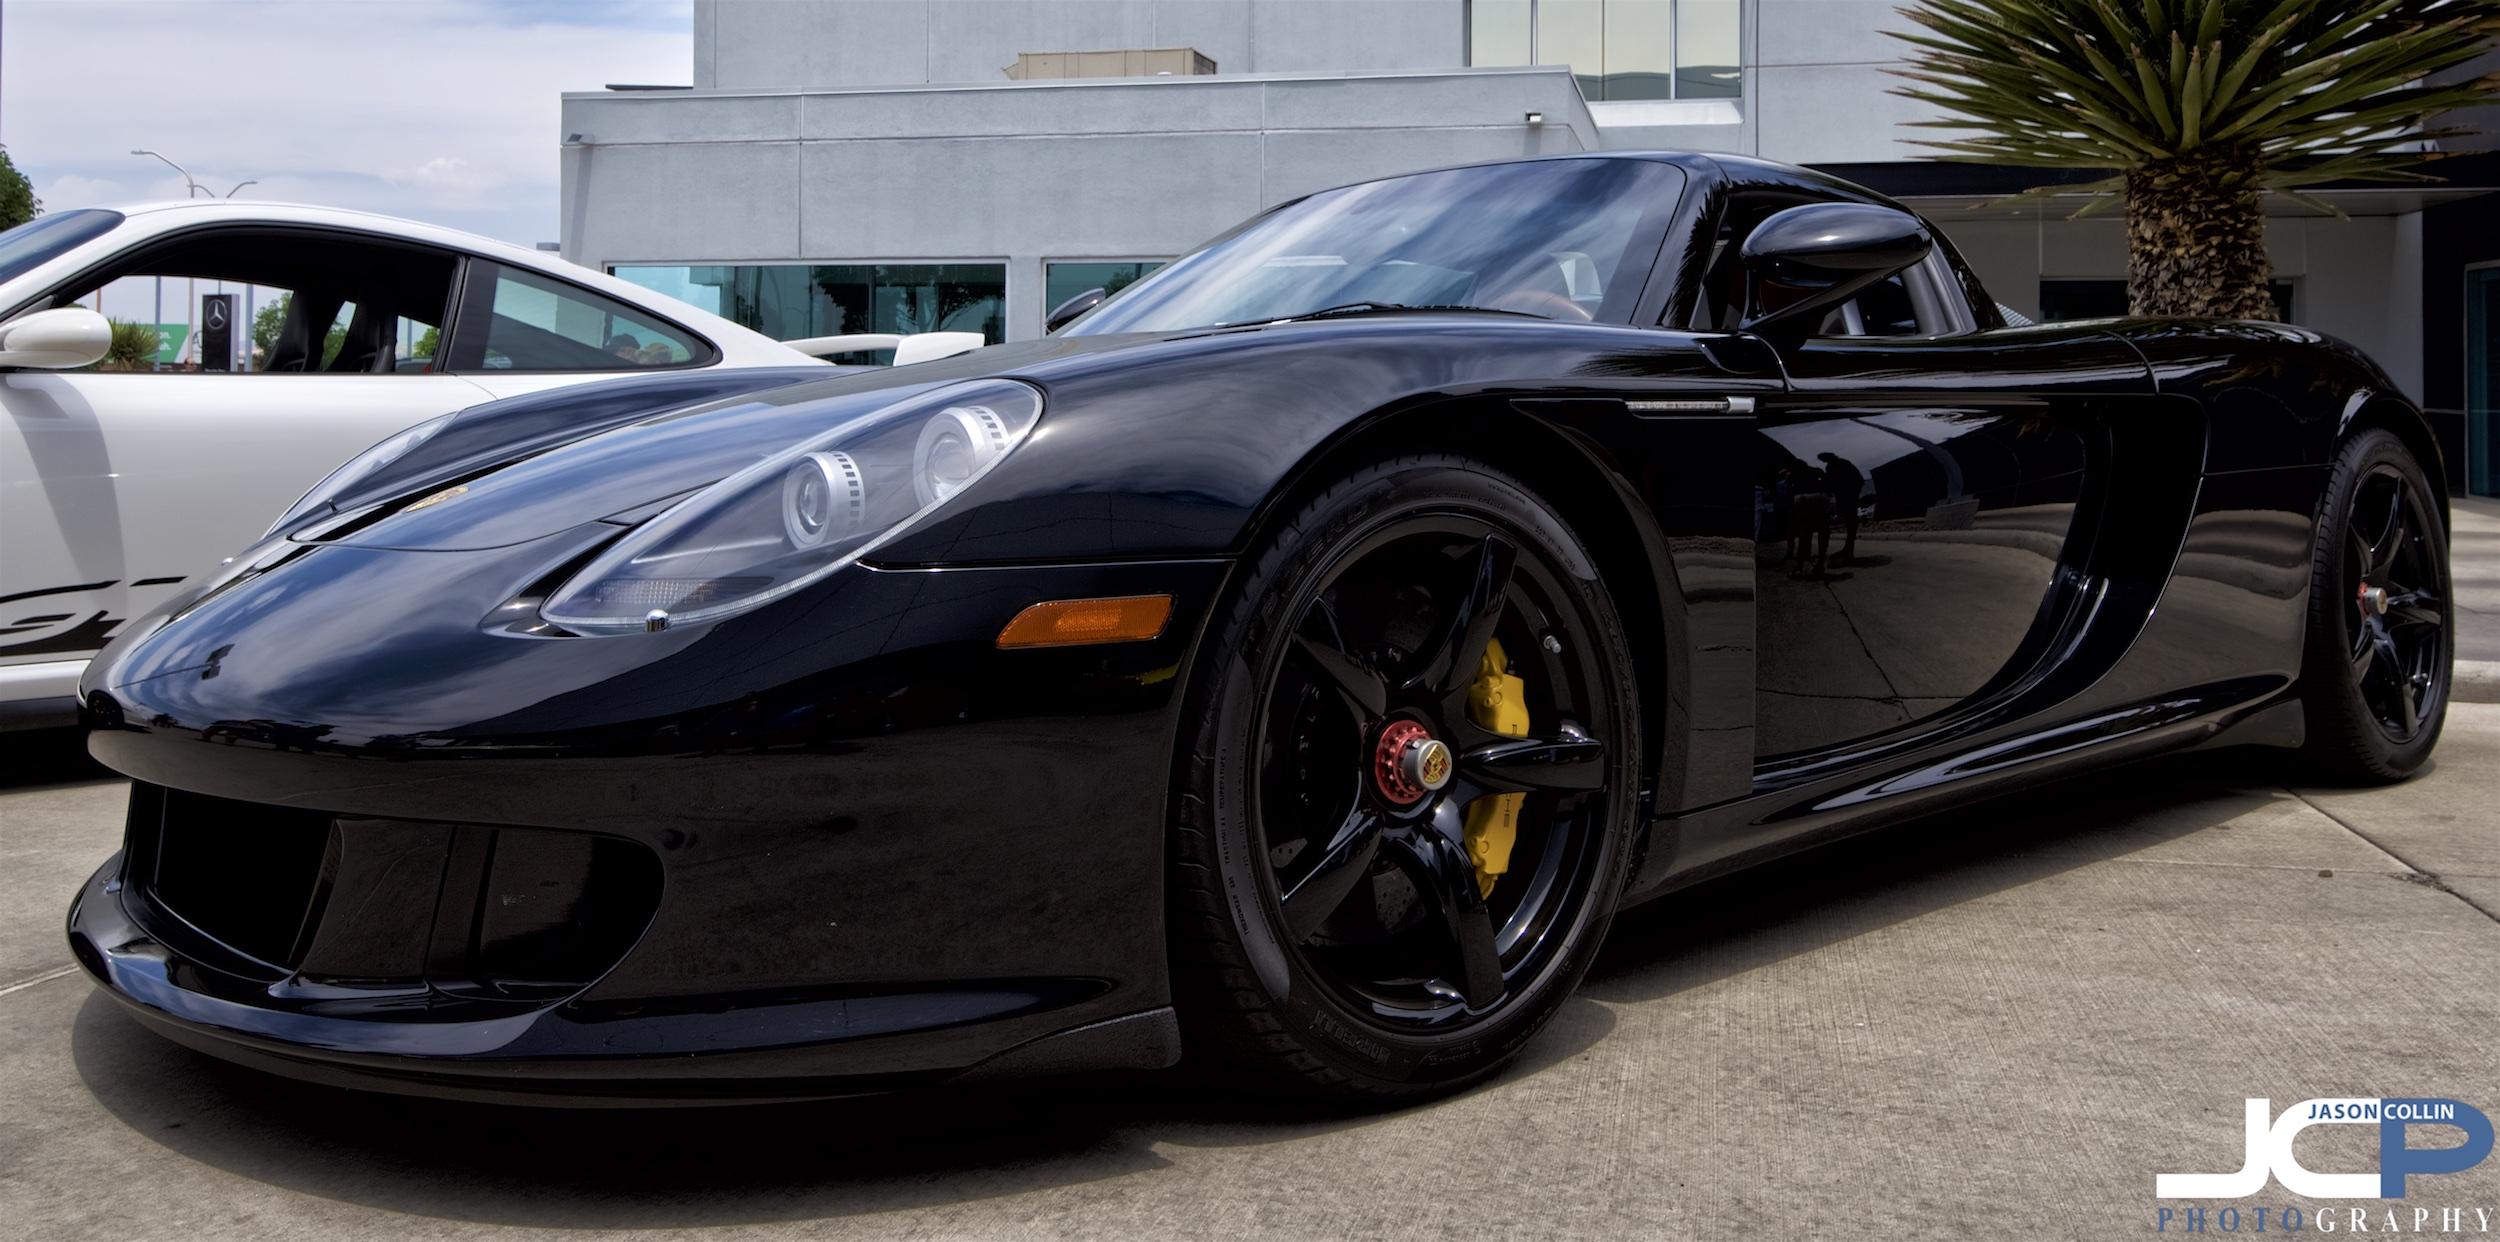 Porsche-70-abq-93328.jpg